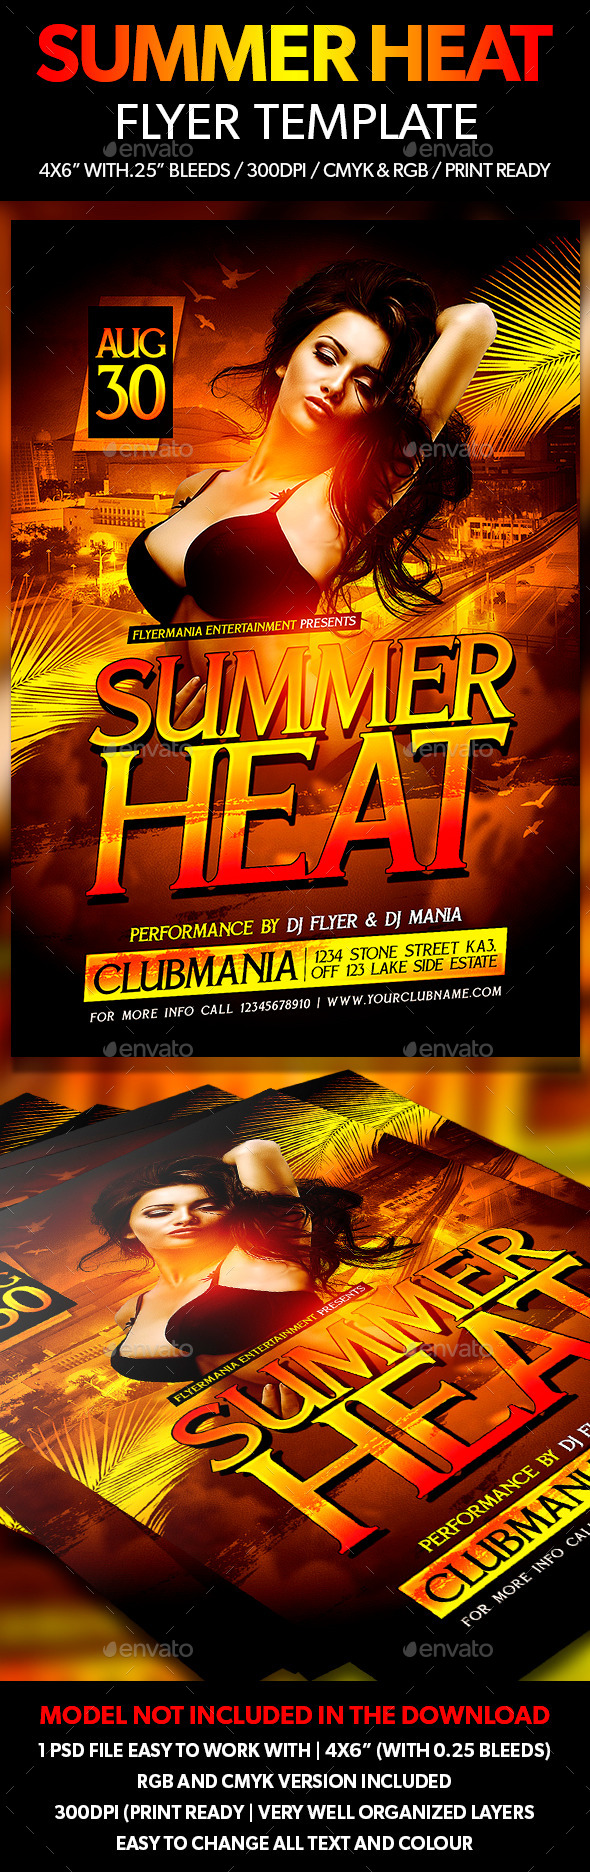 Summer Heat Flyer Template